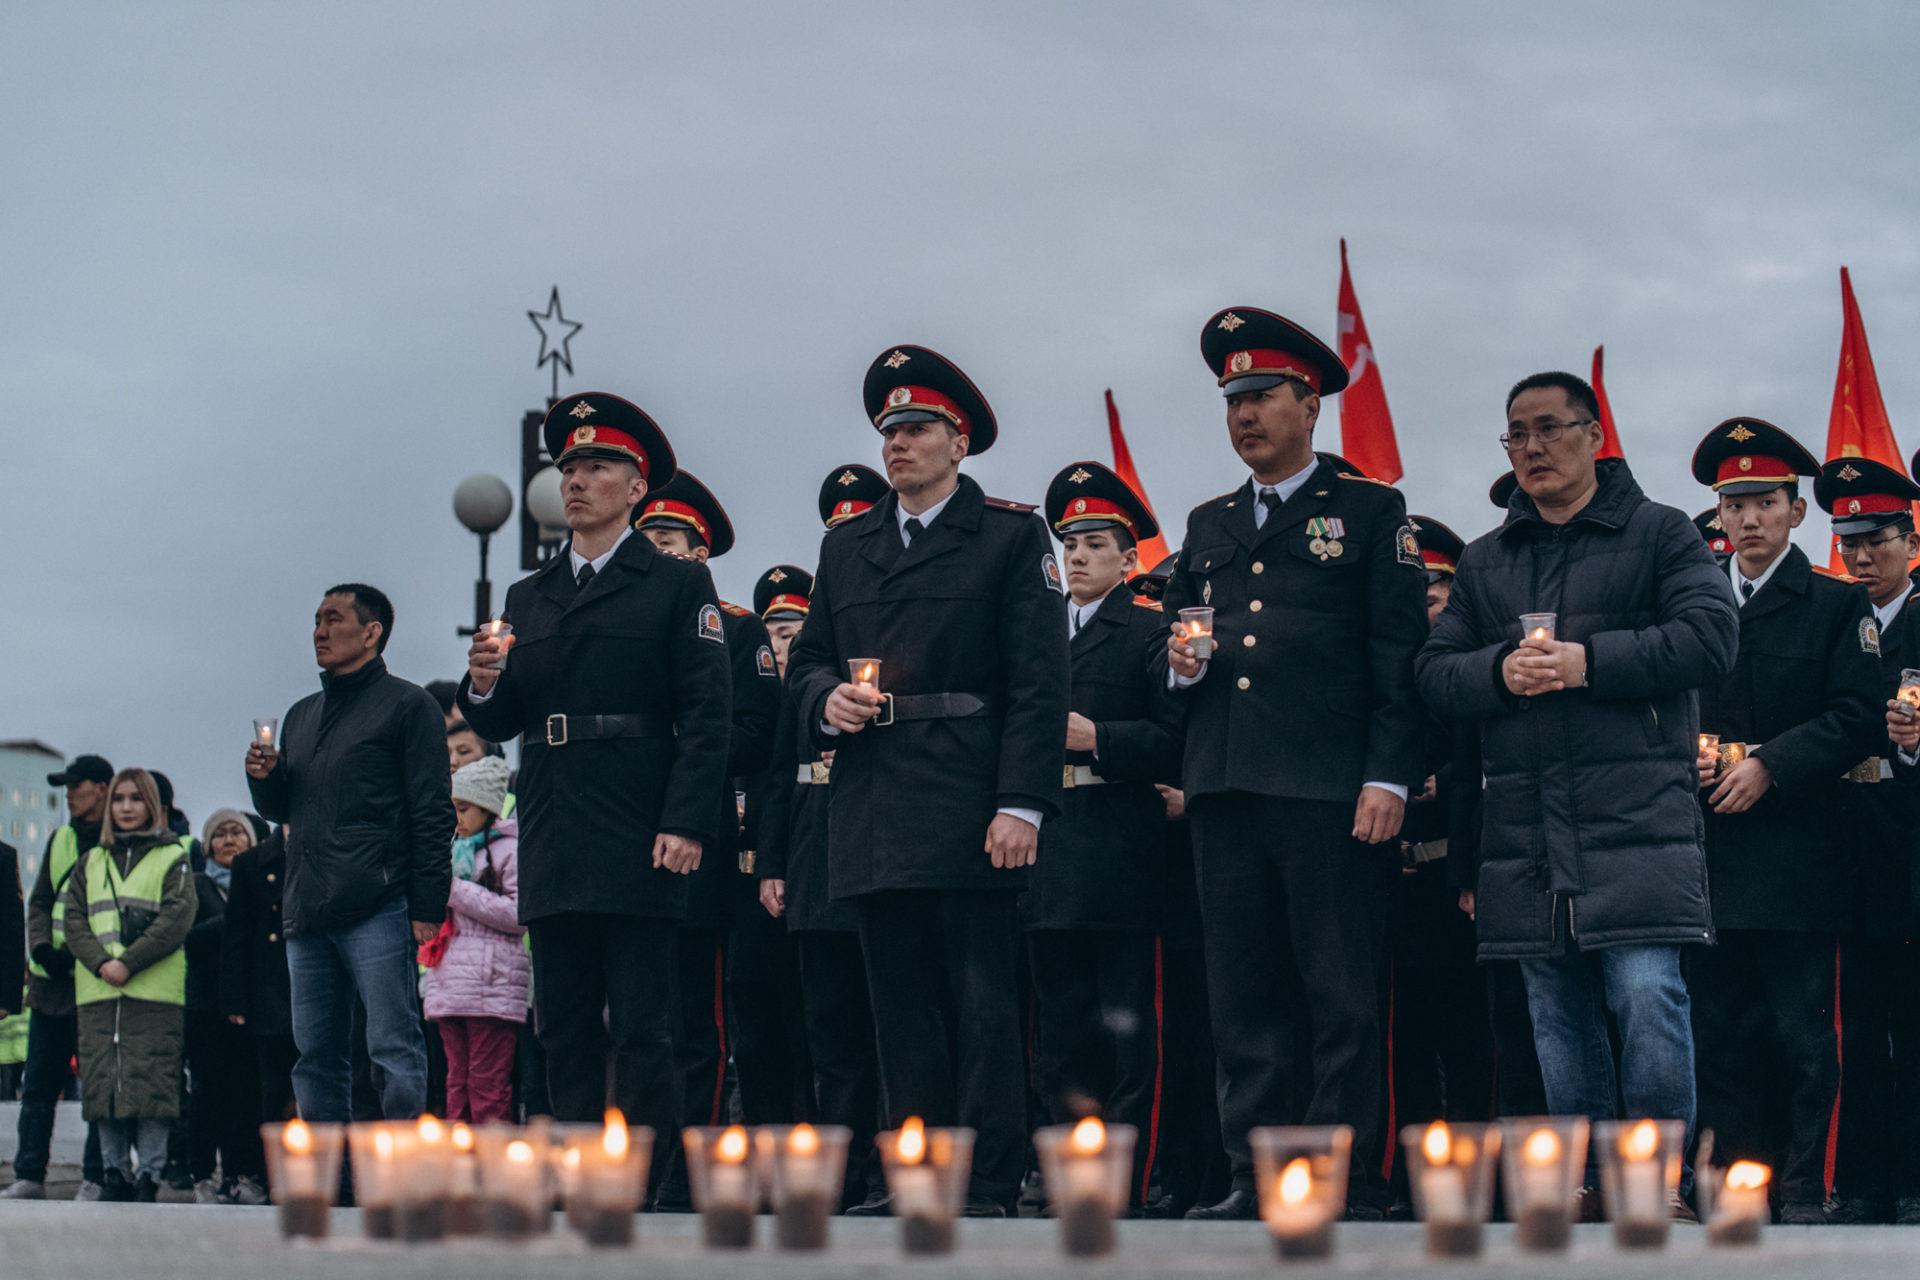 Айсен Николаев принял участие в патриотической акции «Свеча памяти»